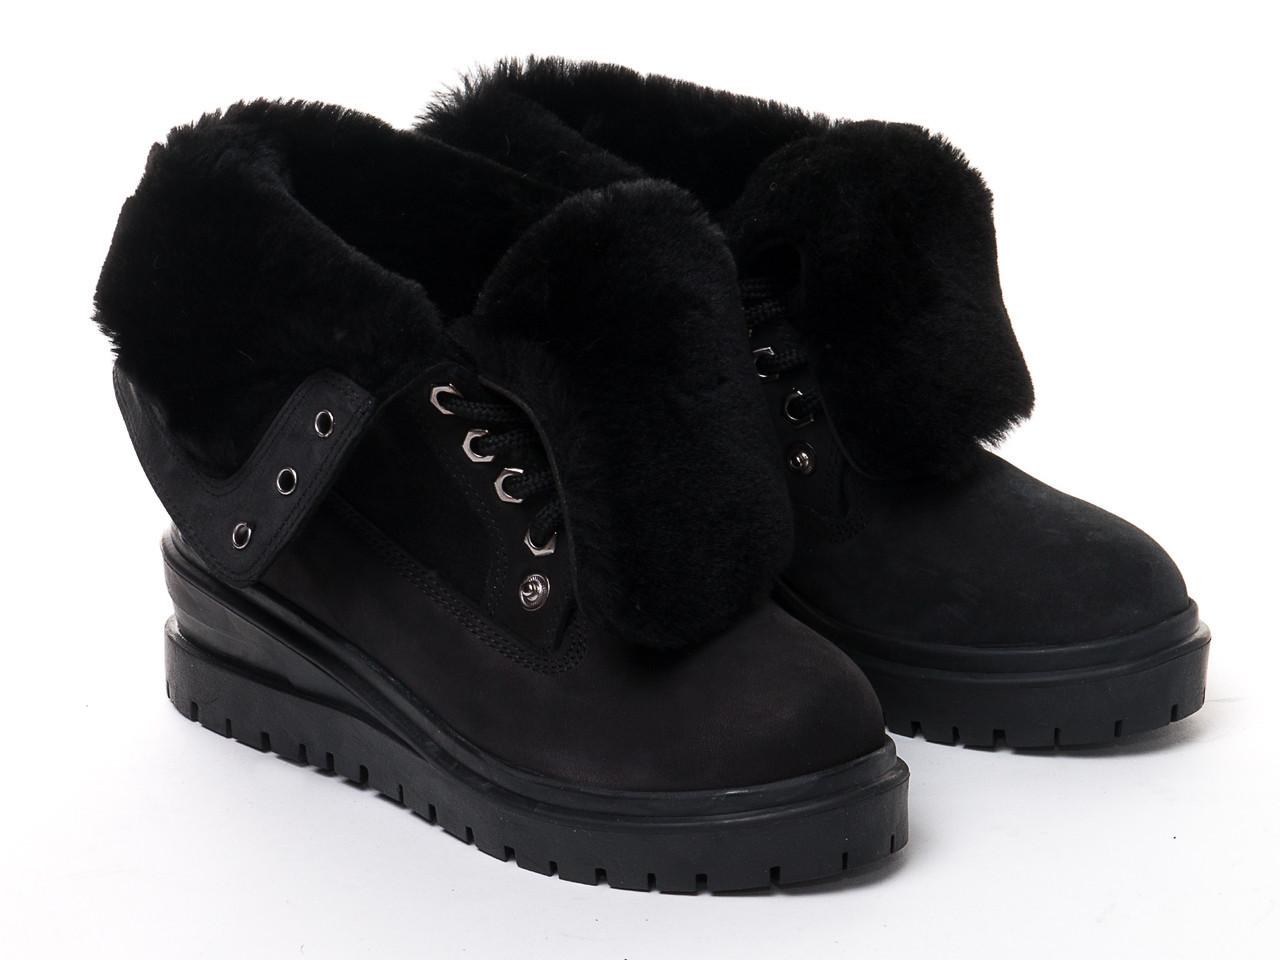 Ботинки Etor 3775-205 37 черные